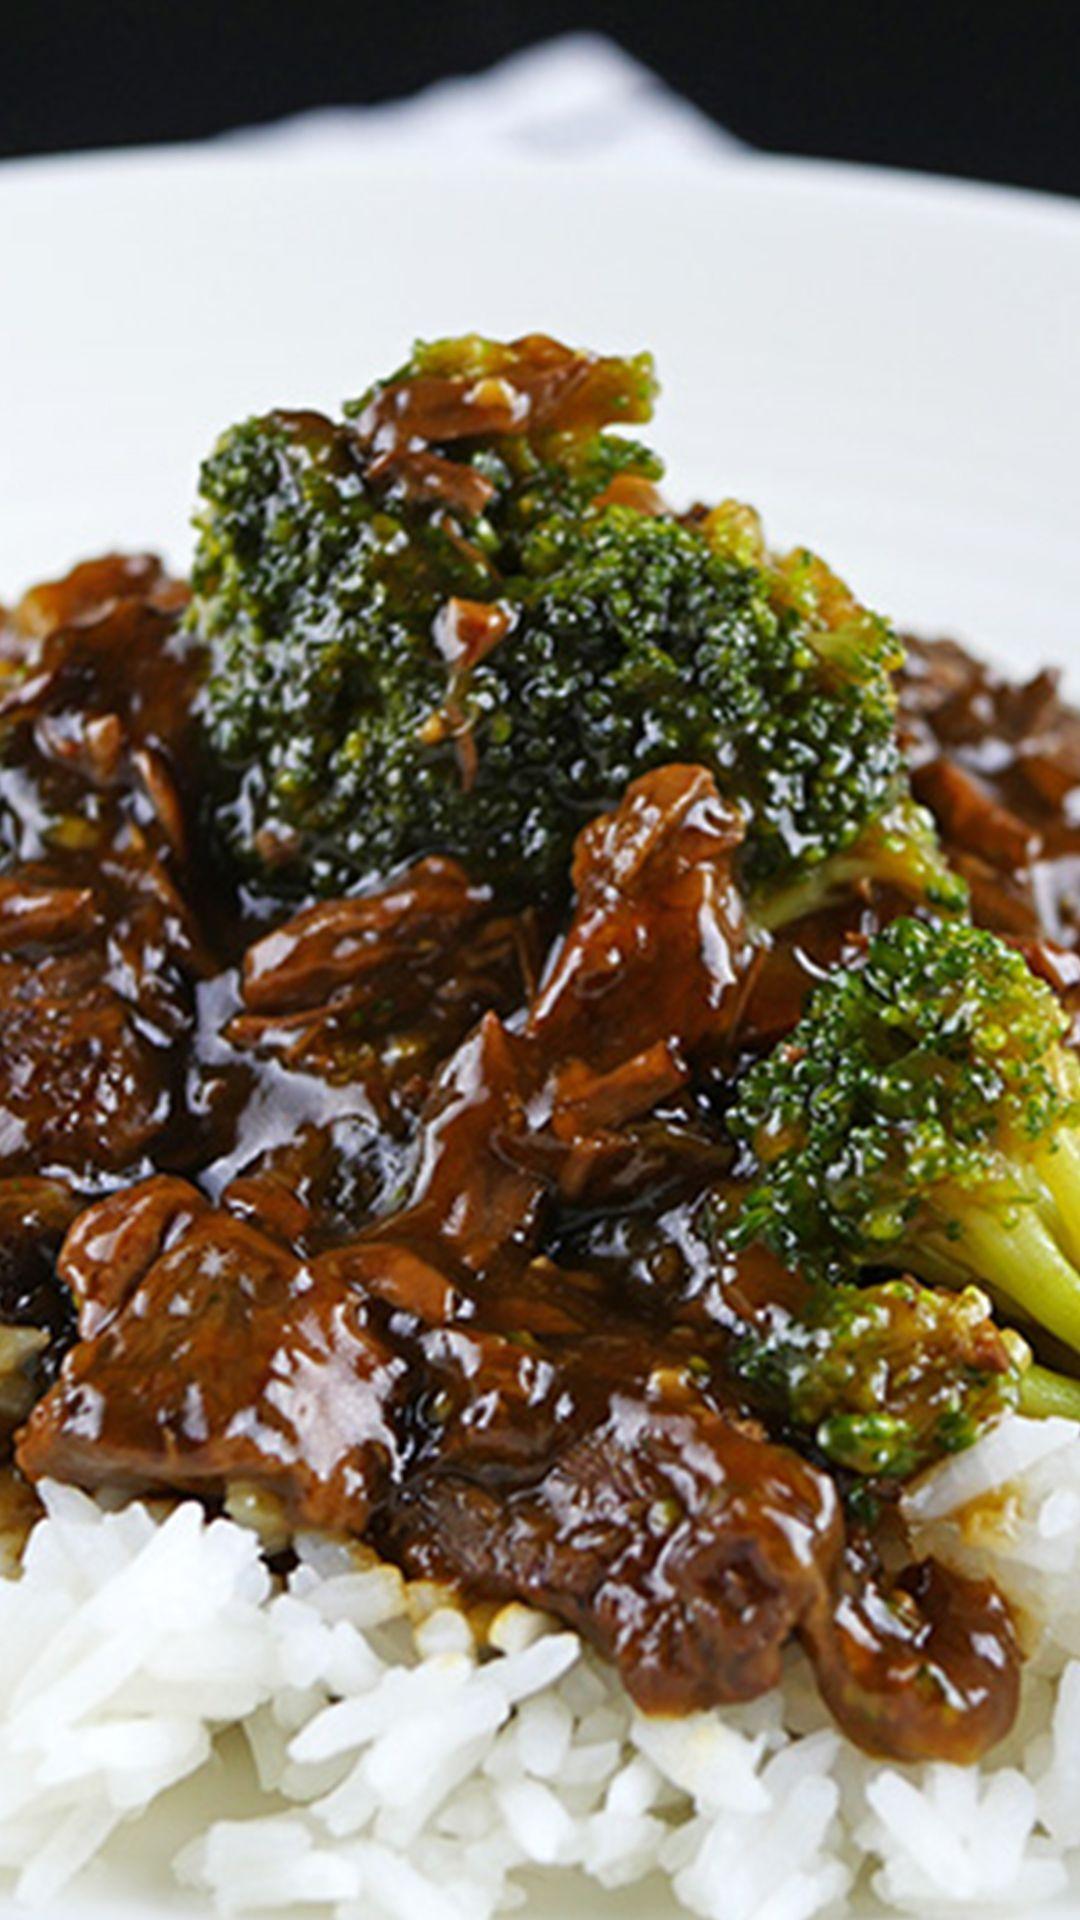 Amazing Slow Cooker Beef Broccoli Beeffoodrecipes Slow Cooker Beef Broccoli Health Slow Cooker Recipes Slow Cooker Beef